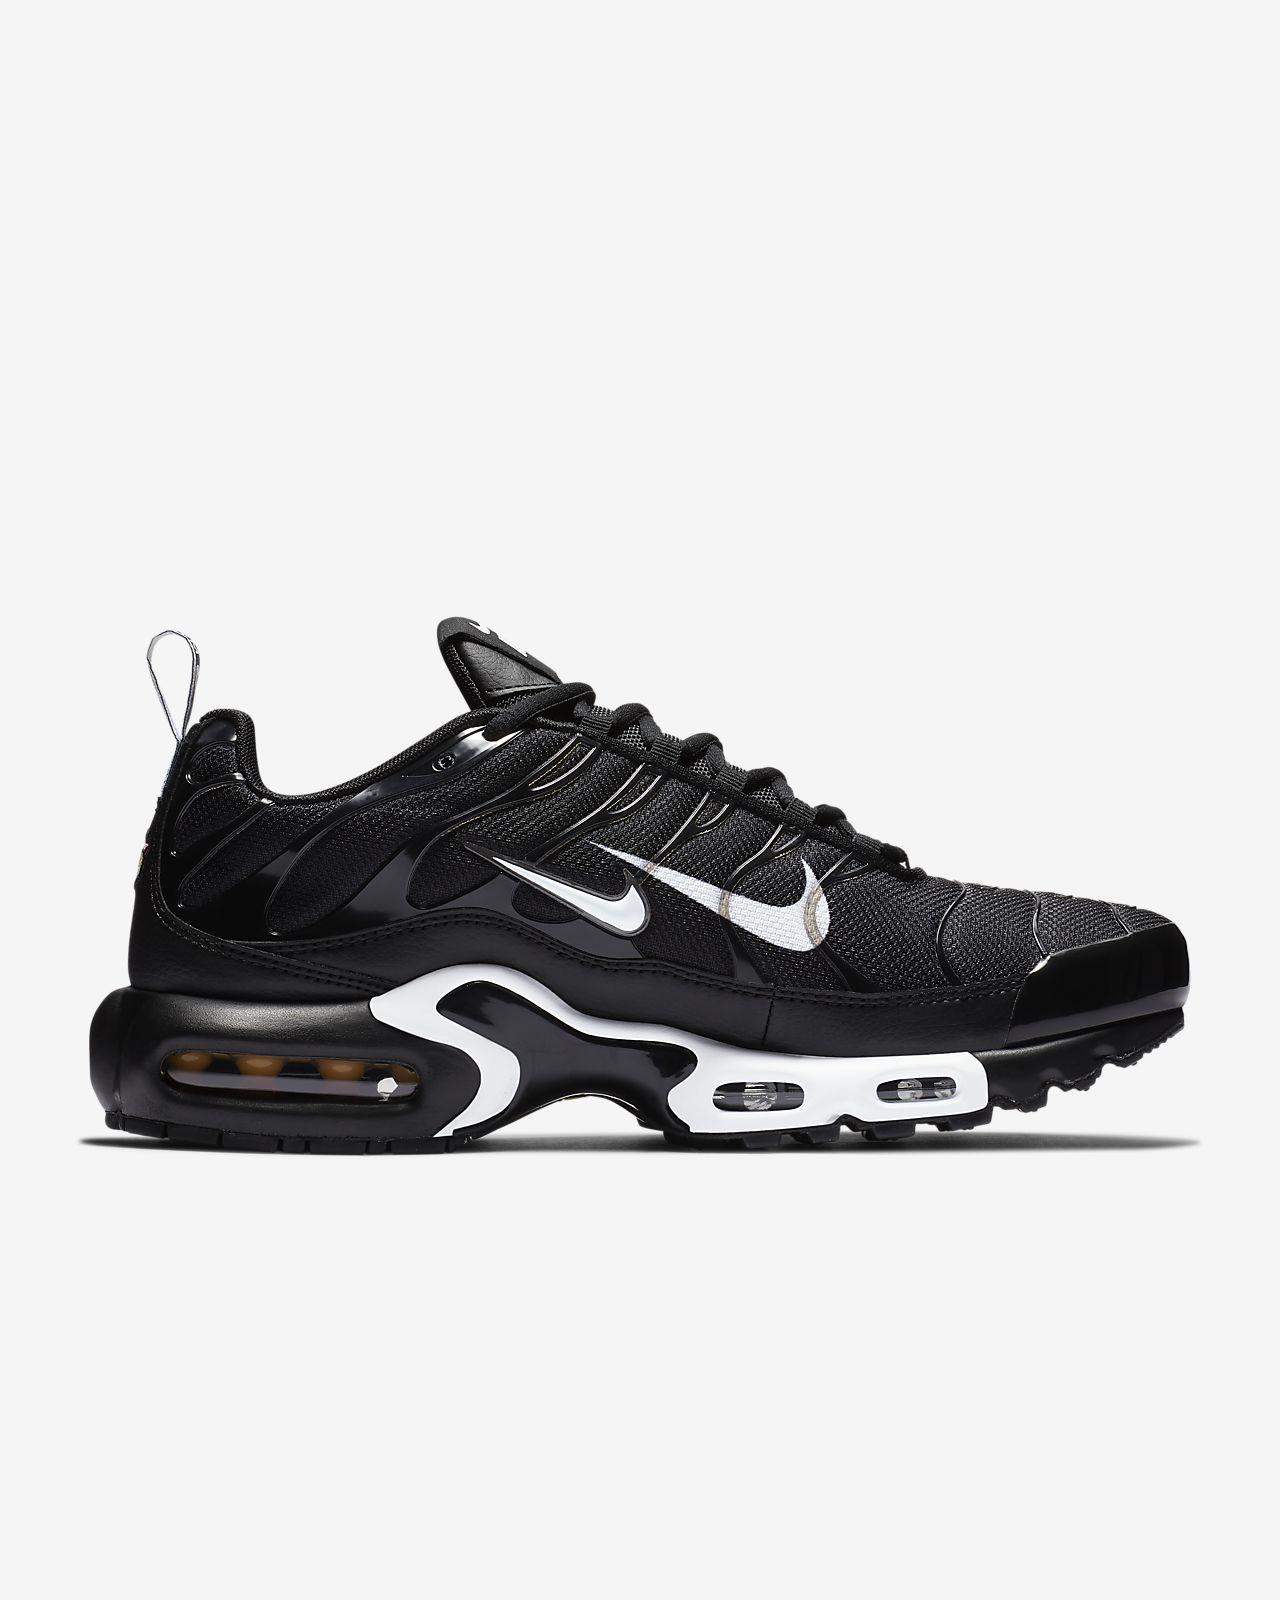 new arrival ad261 7f796 Men s Shoe. Nike Air Max Plus Premium